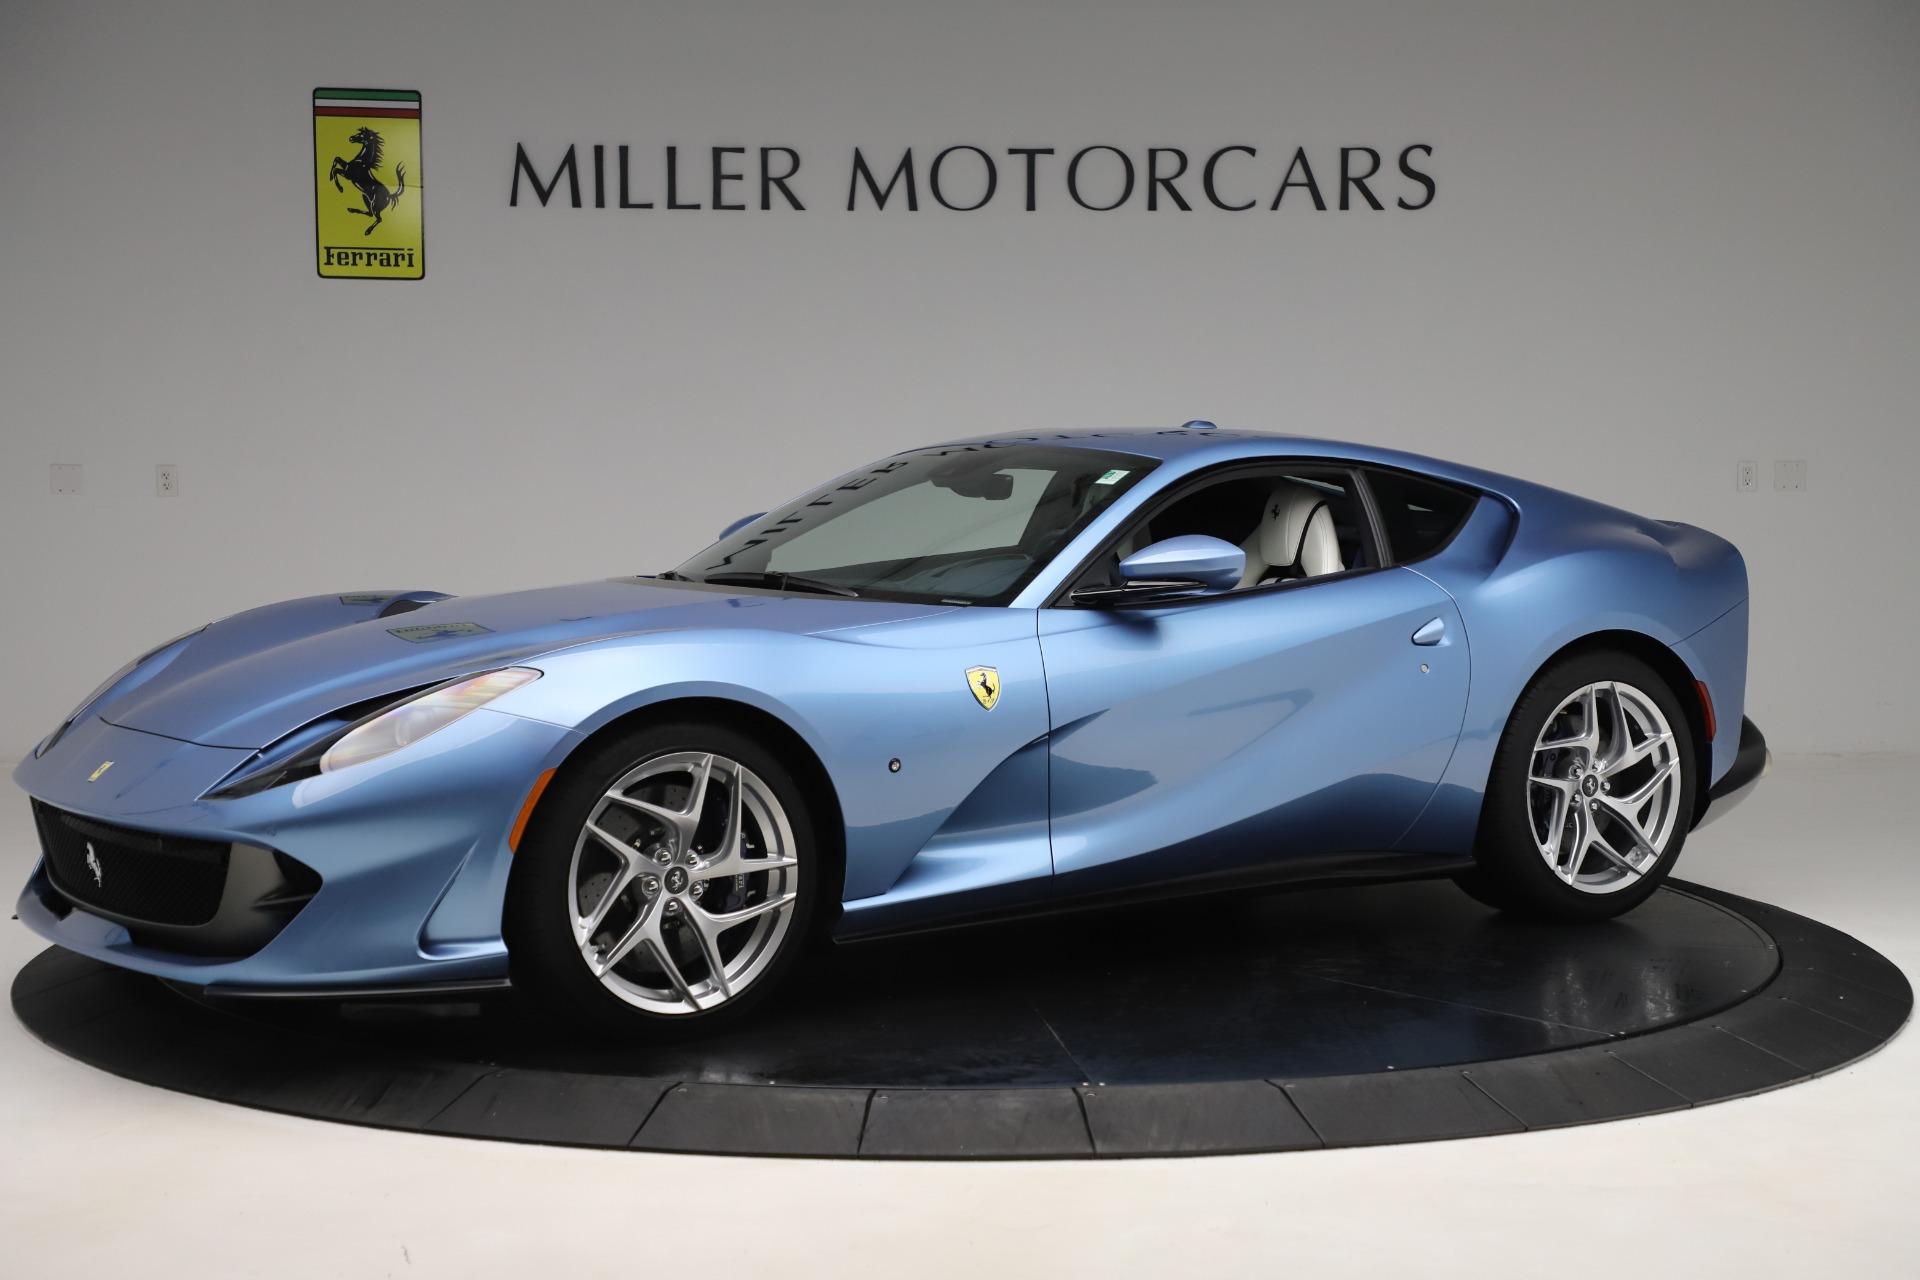 Pre Owned 2020 Ferrari 812 Superfast For Sale Miller Motorcars Stock 4670